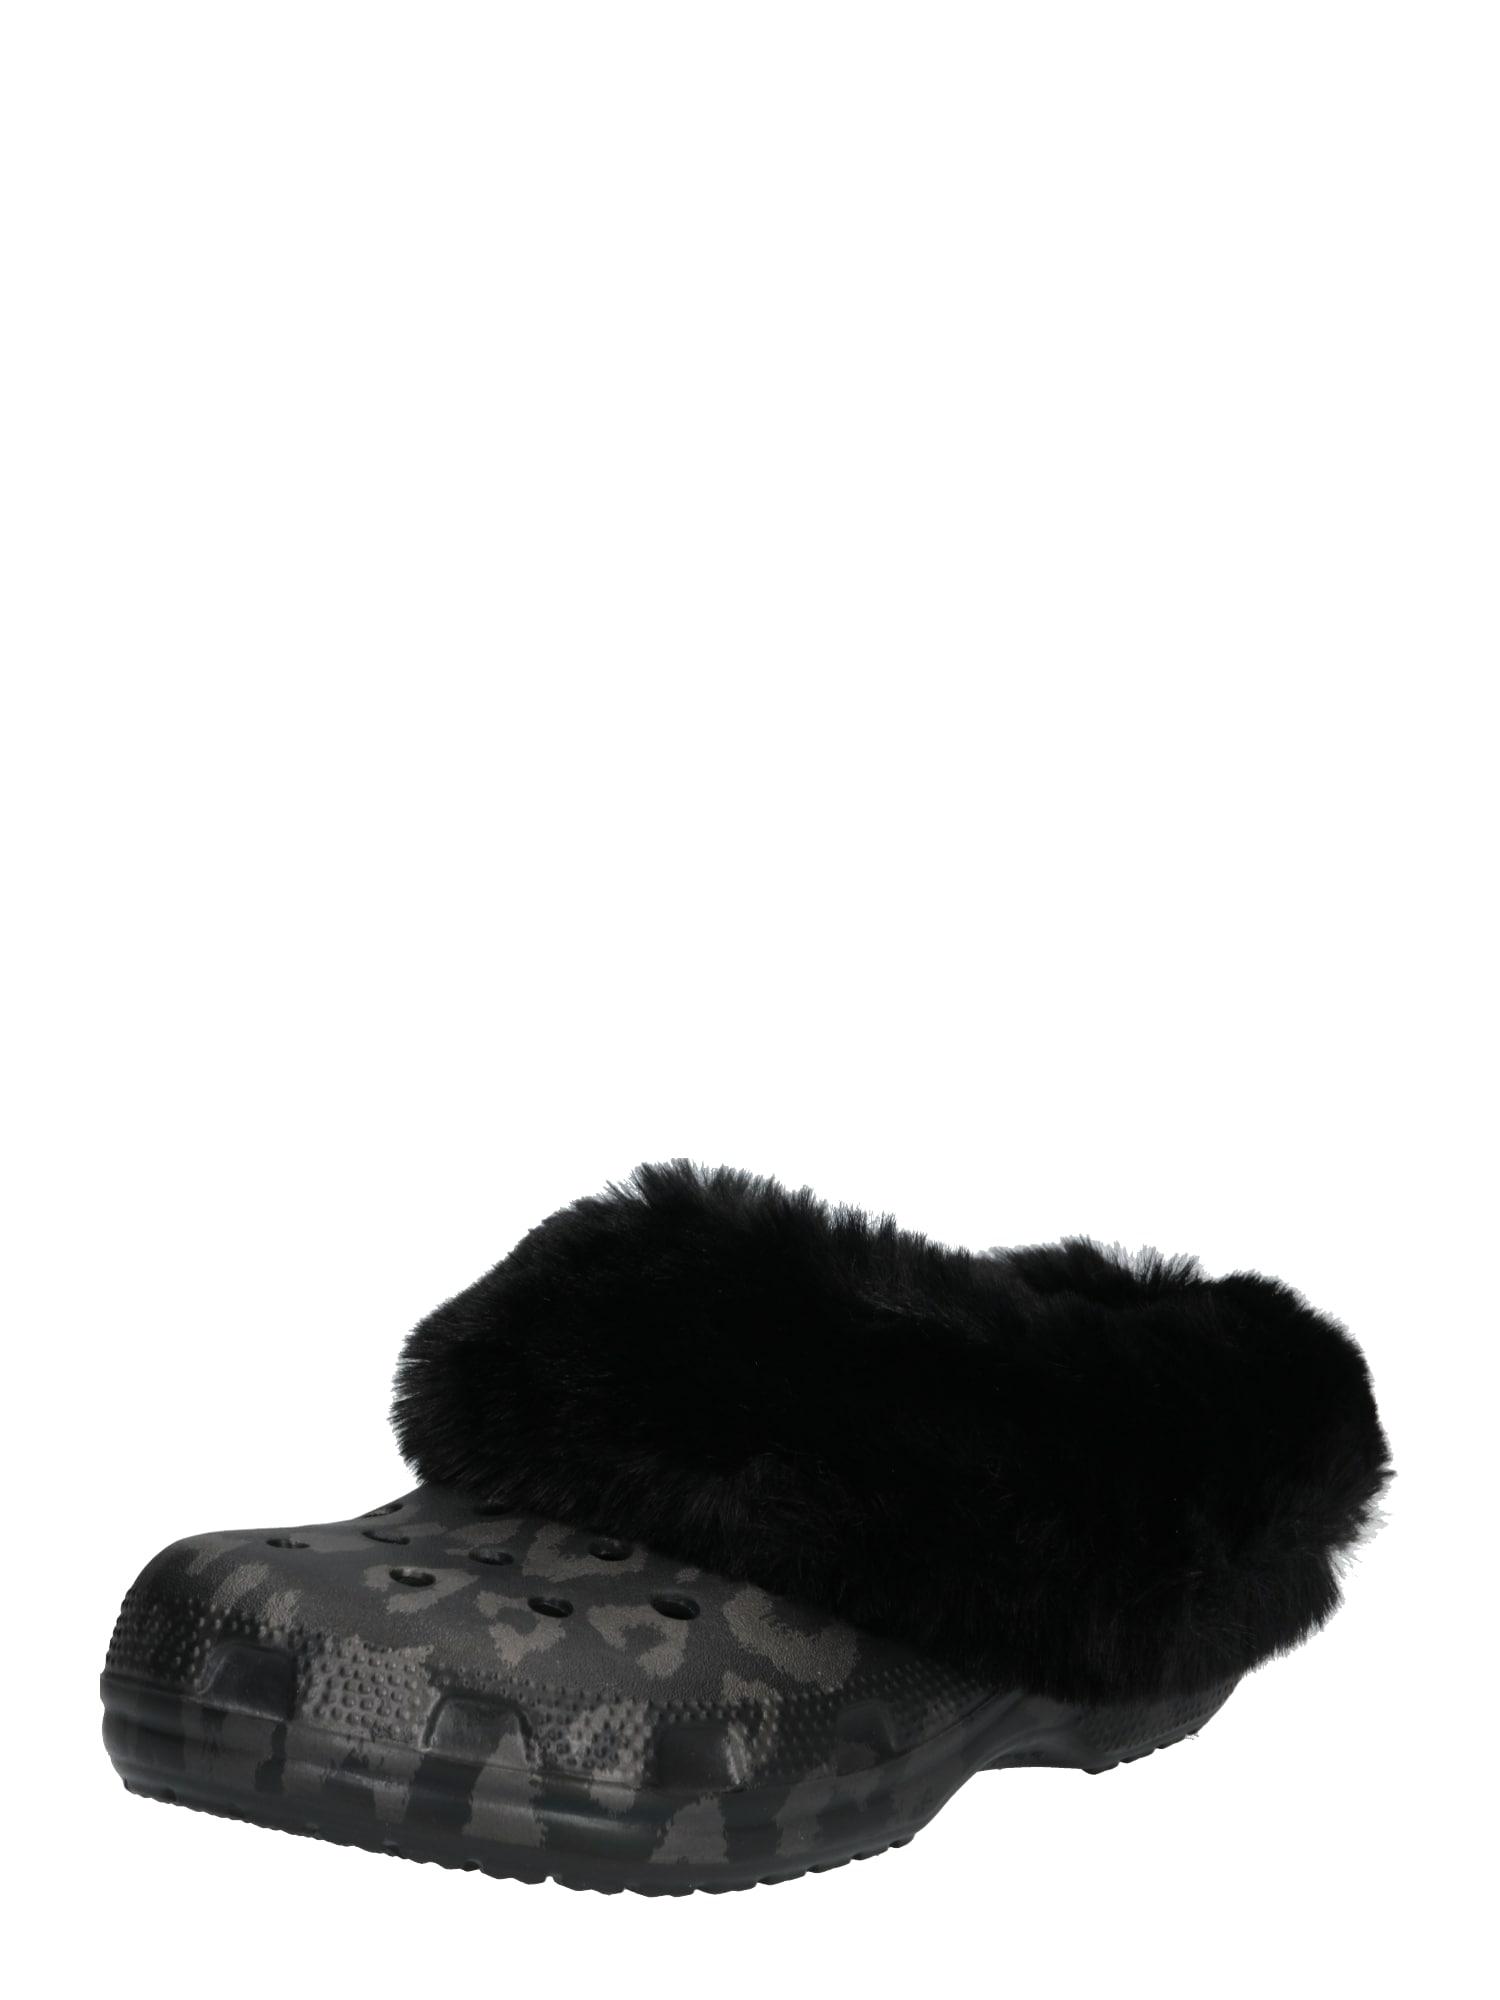 Pantofle Classic Mammoth Luxe Metallic Clog černá Crocs